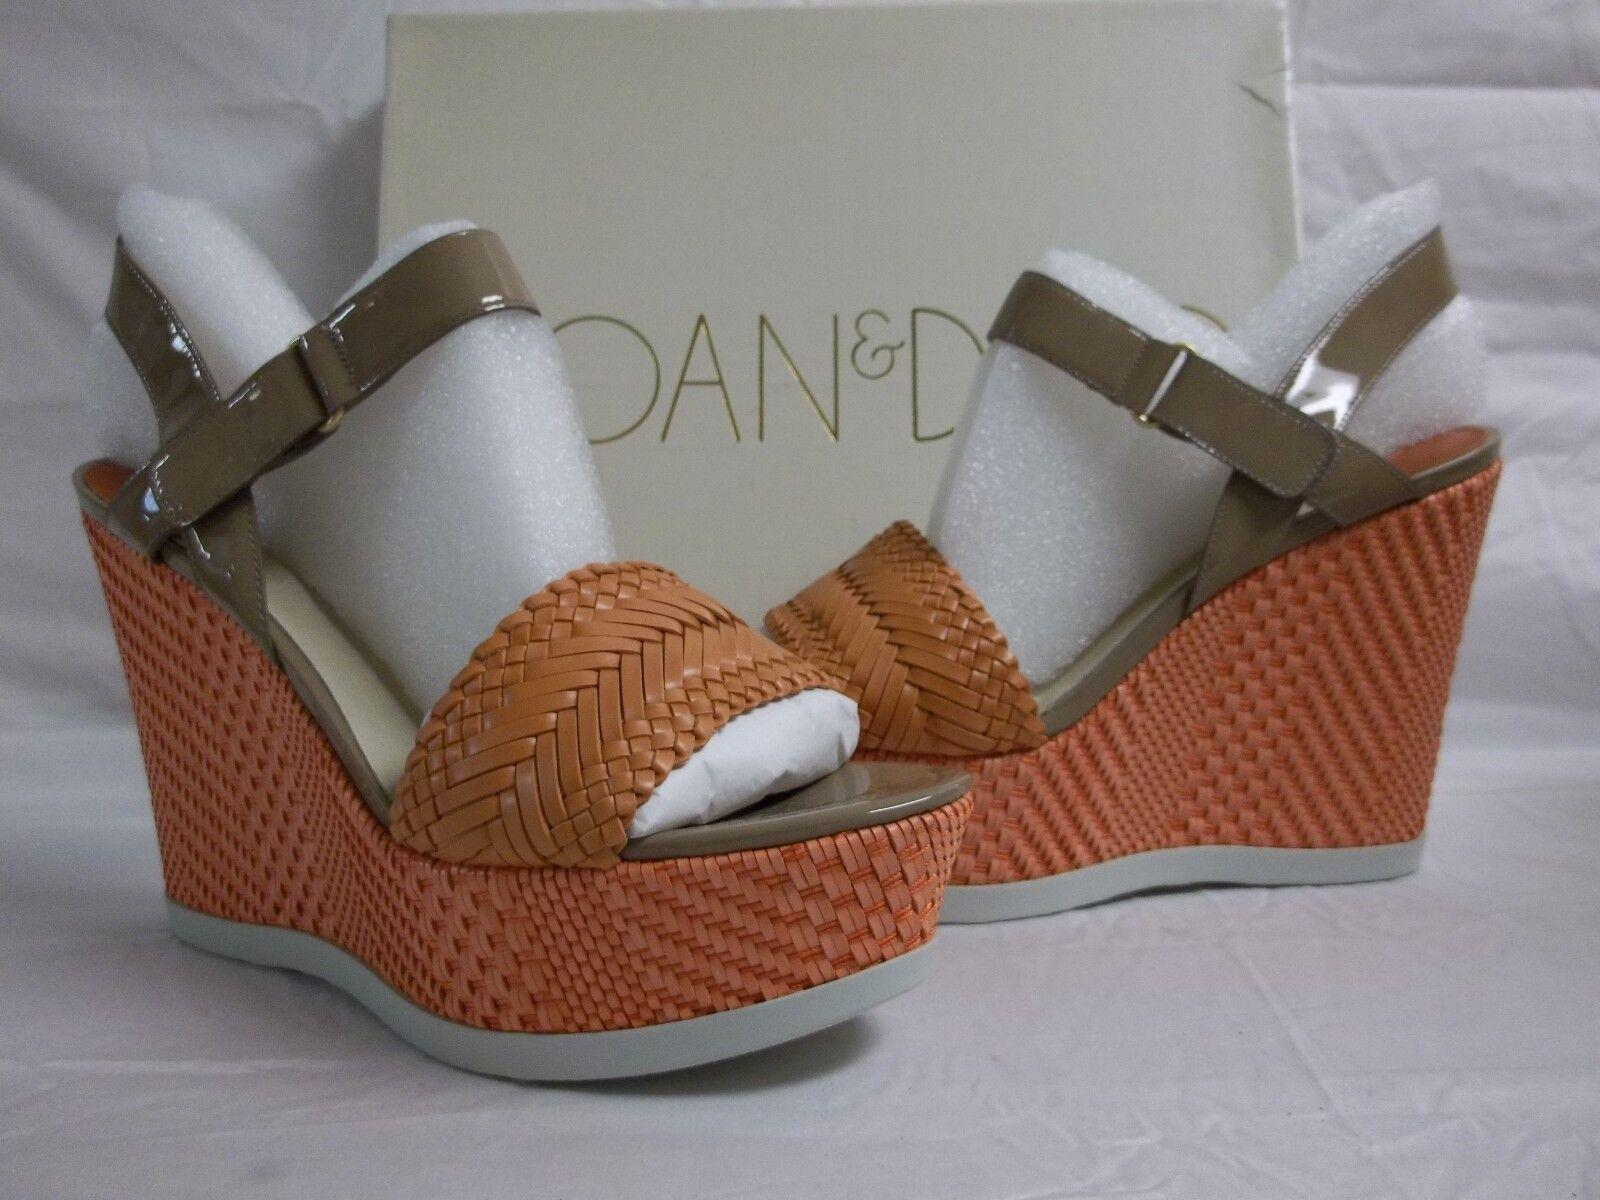 grande vendita Joan & David Dimensione 10 M M M Daidona Light arancia Leather Wedges New donna scarpe  migliore offerta